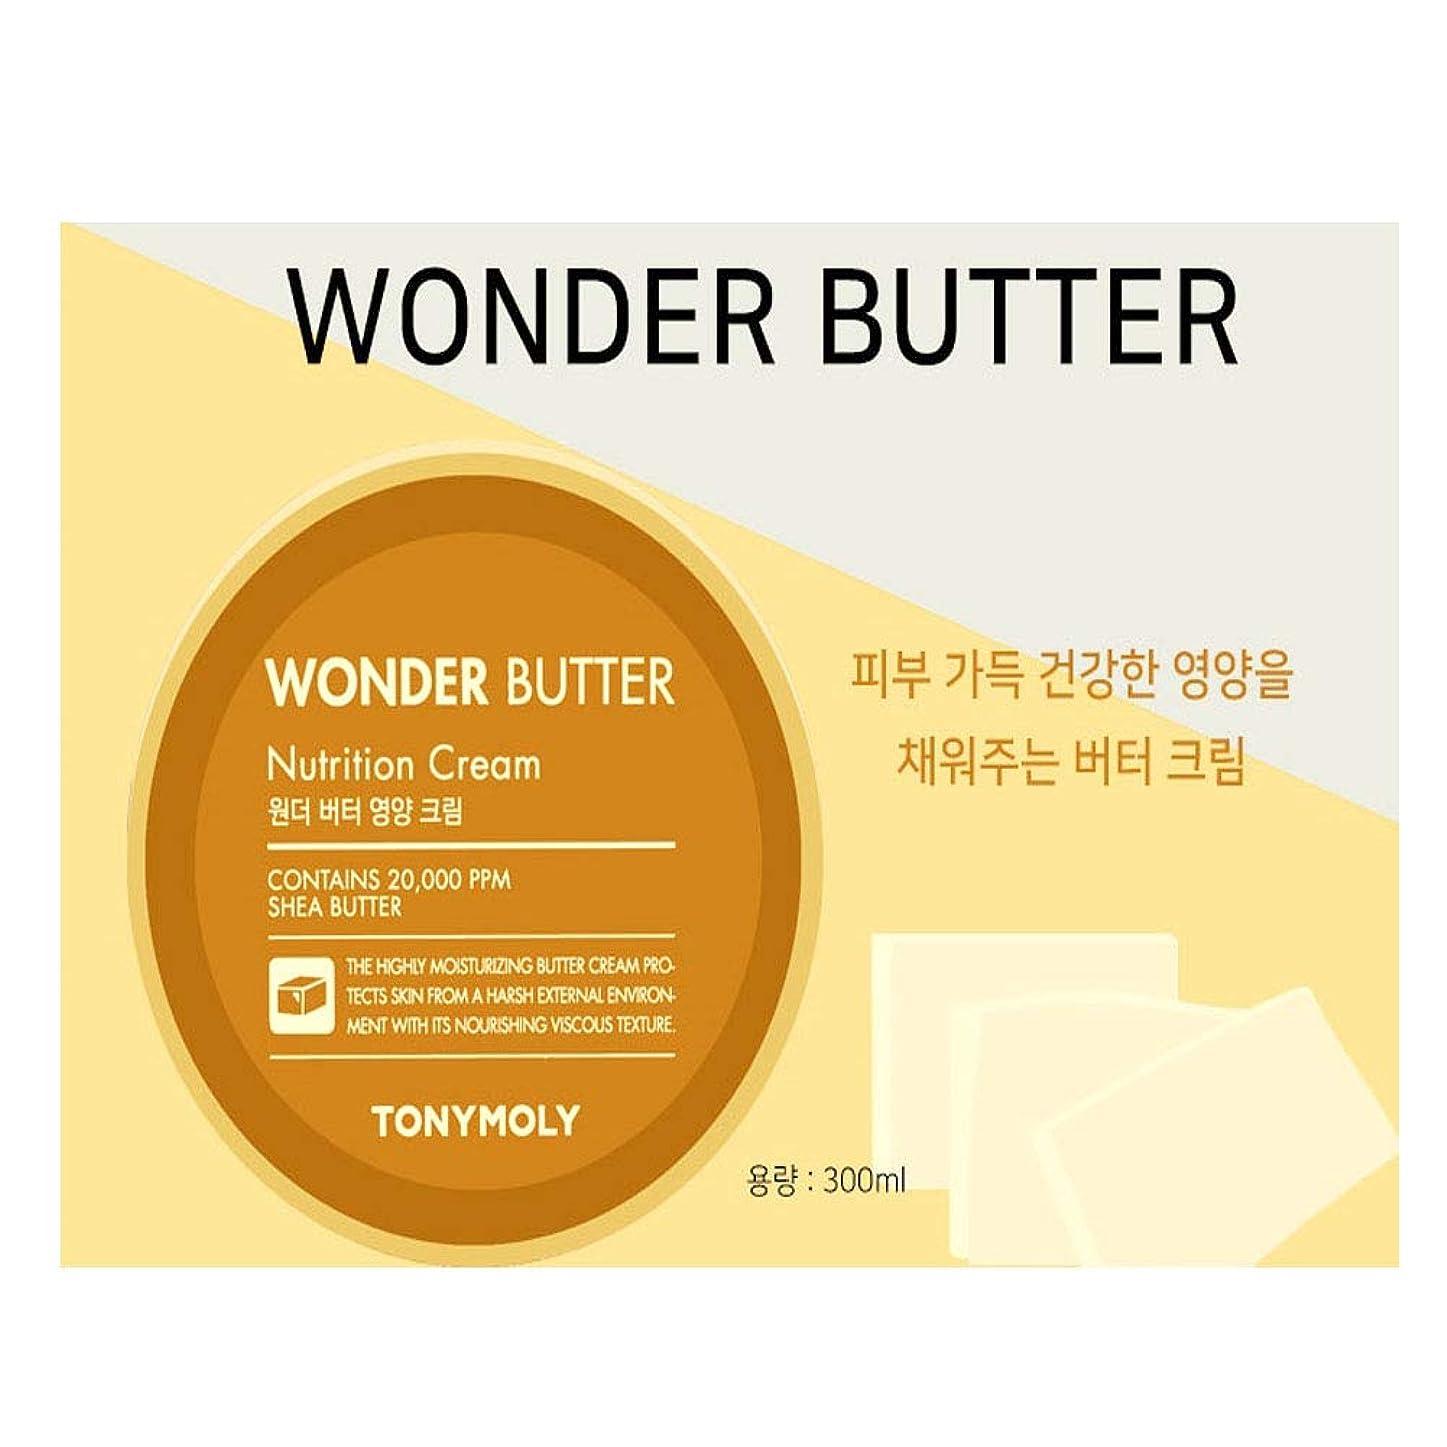 懺悔香水乏しいトニーモリーワンダーバター栄養クリーム300ml x 2本セット、Tonymoly Wonder Butter Nutrition Cream 300ml x 2ea Set [並行輸入品]